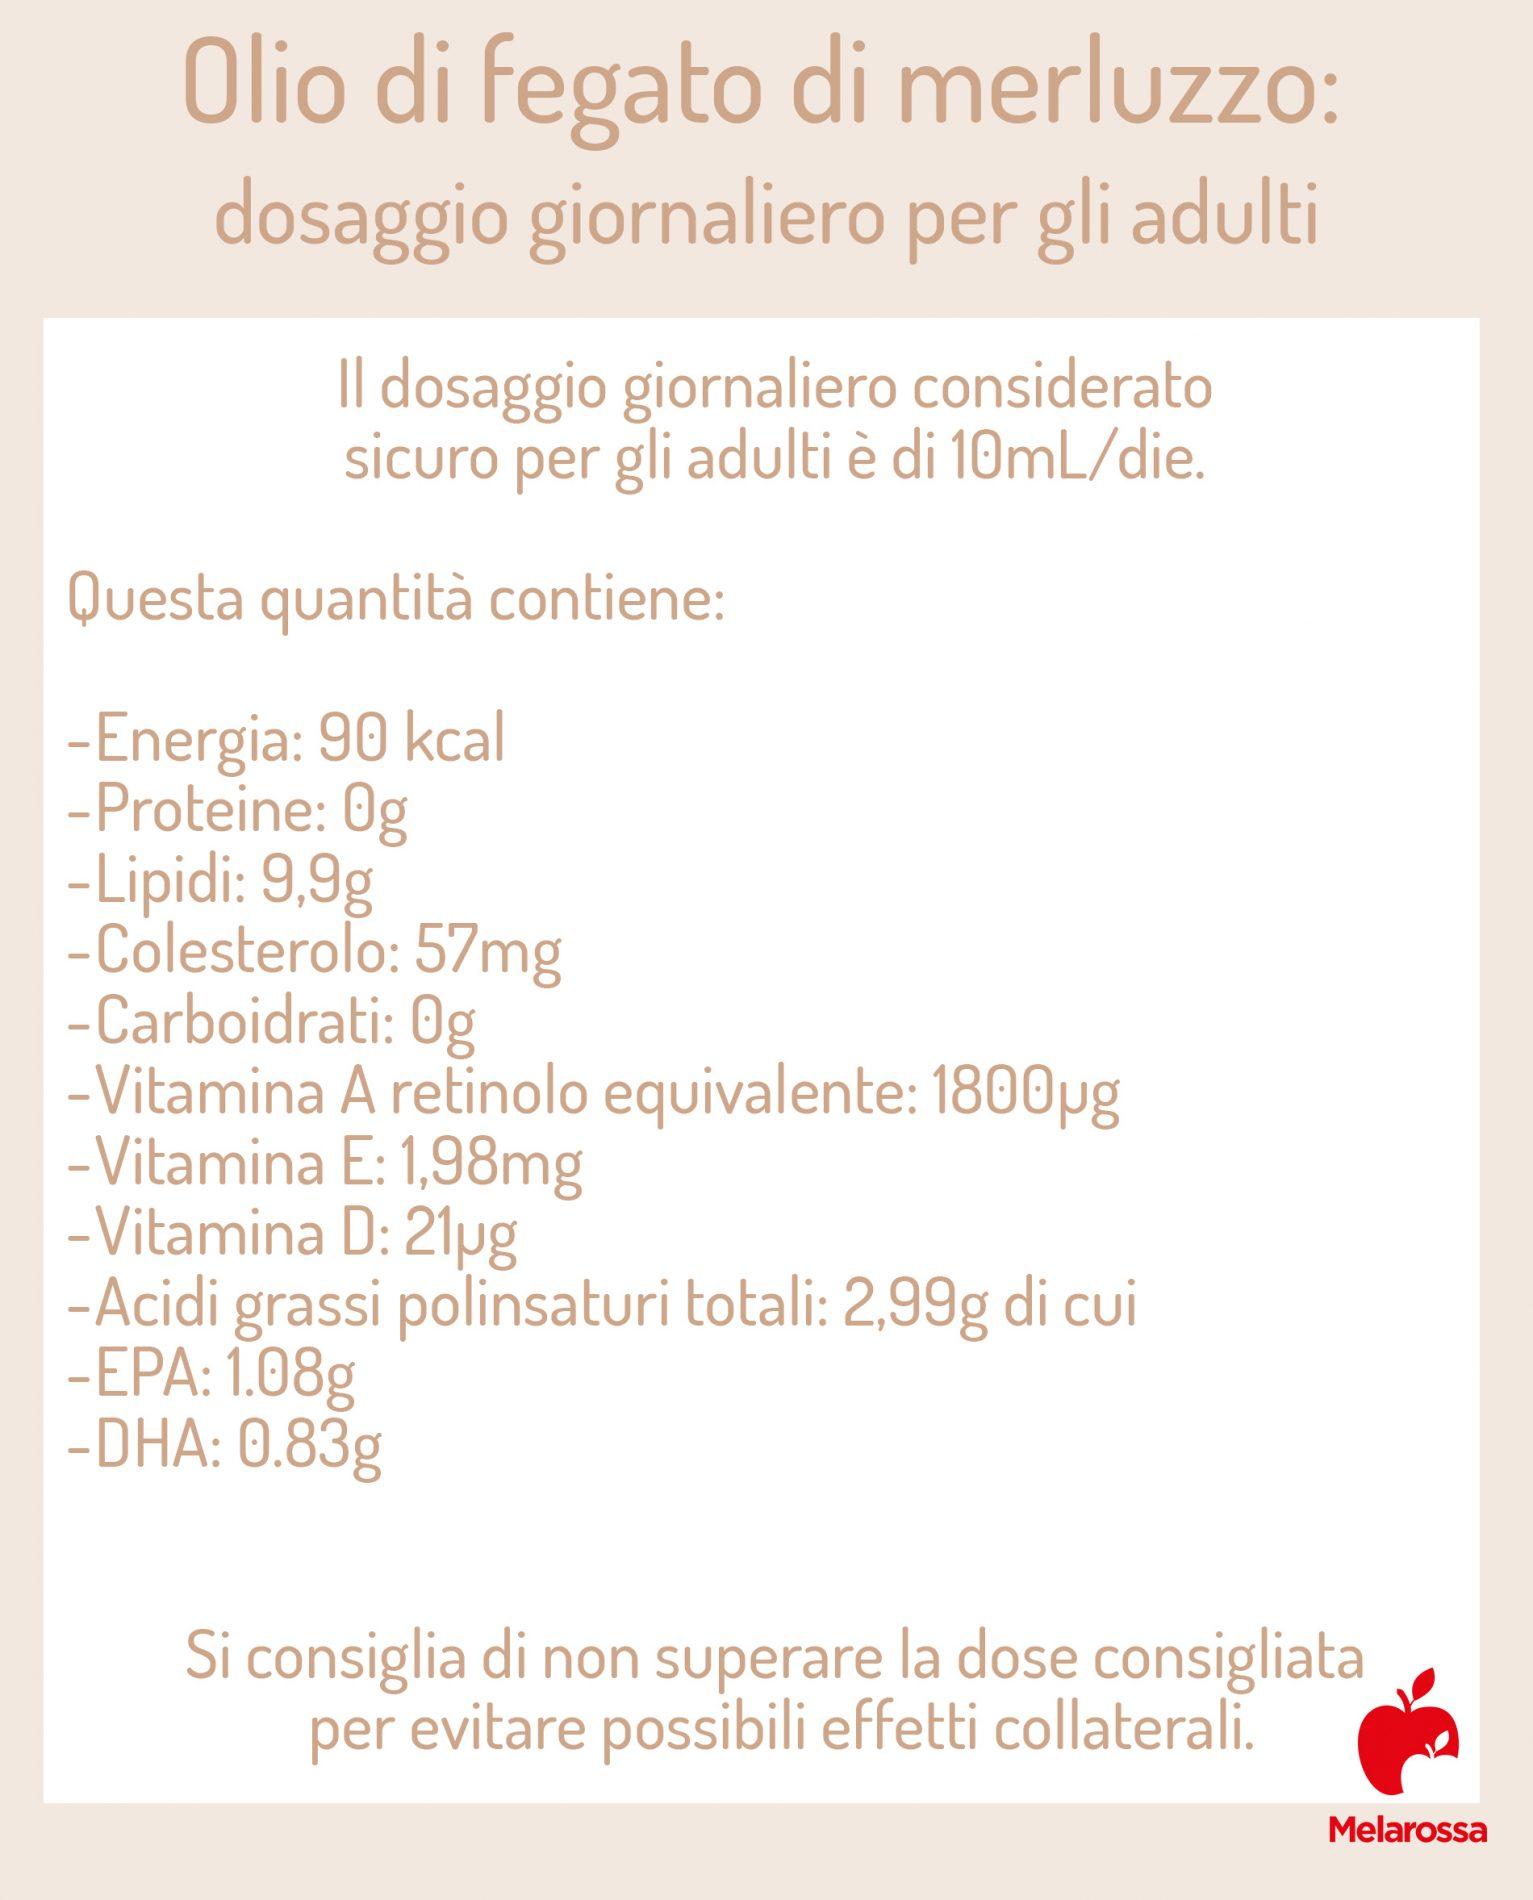 olio di fegato di merluzzo: dosaggio giornaliero consigliato